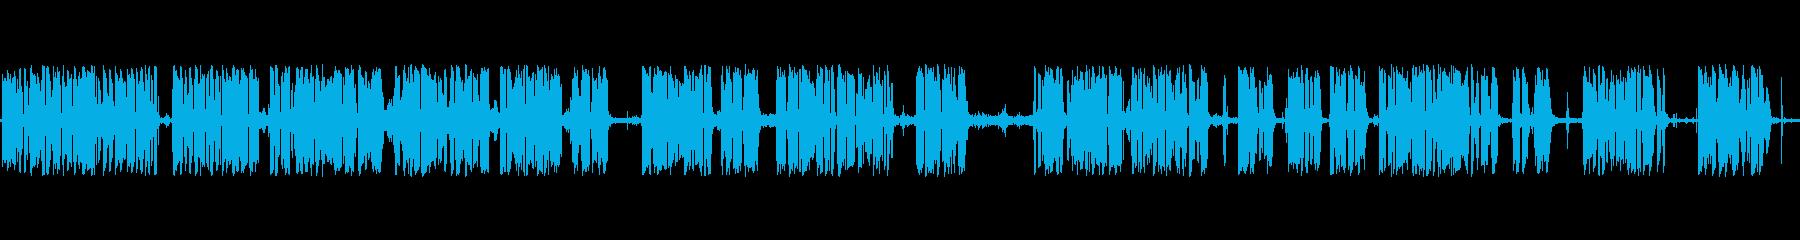 アナウンサーカーレースメガホンaの再生済みの波形